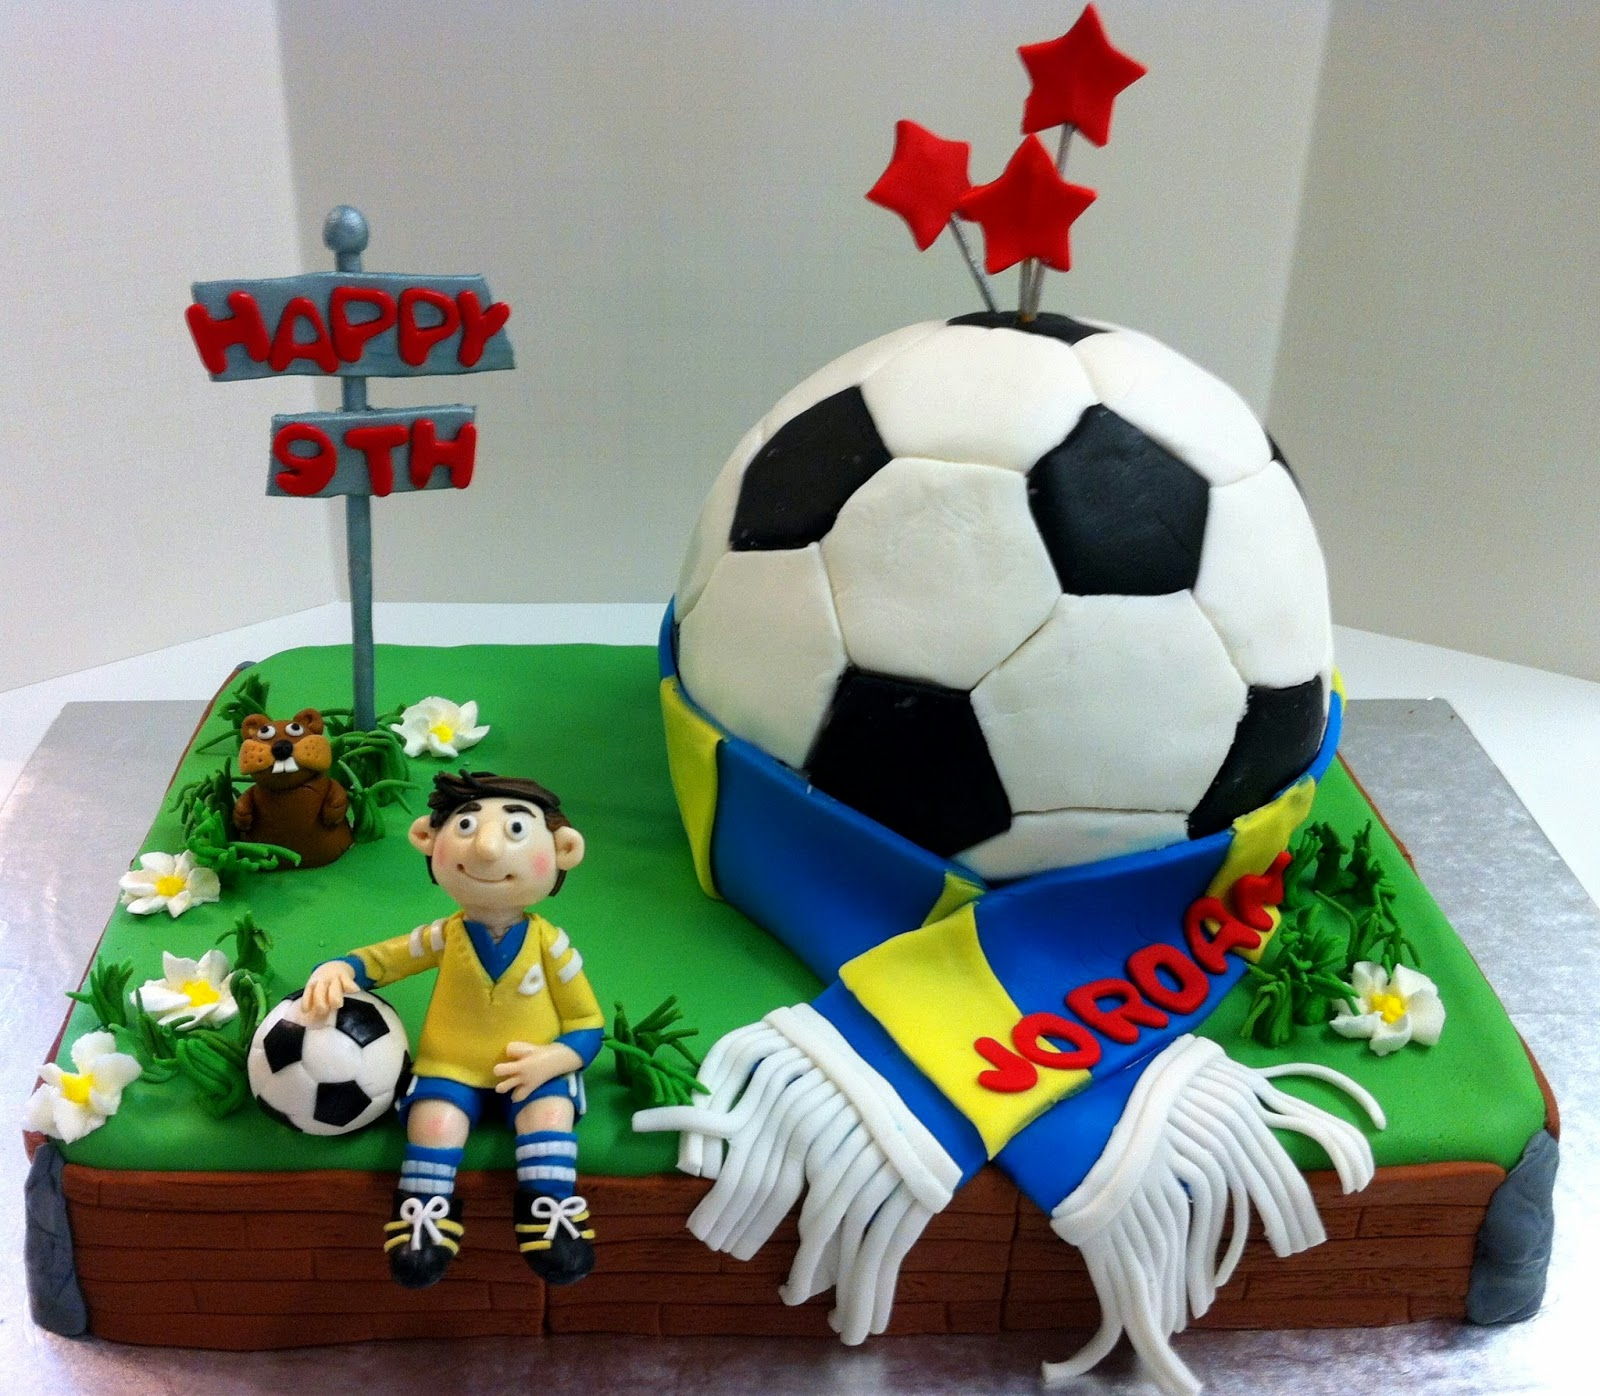 Hogans Sweet Art Soccer Ball Cake